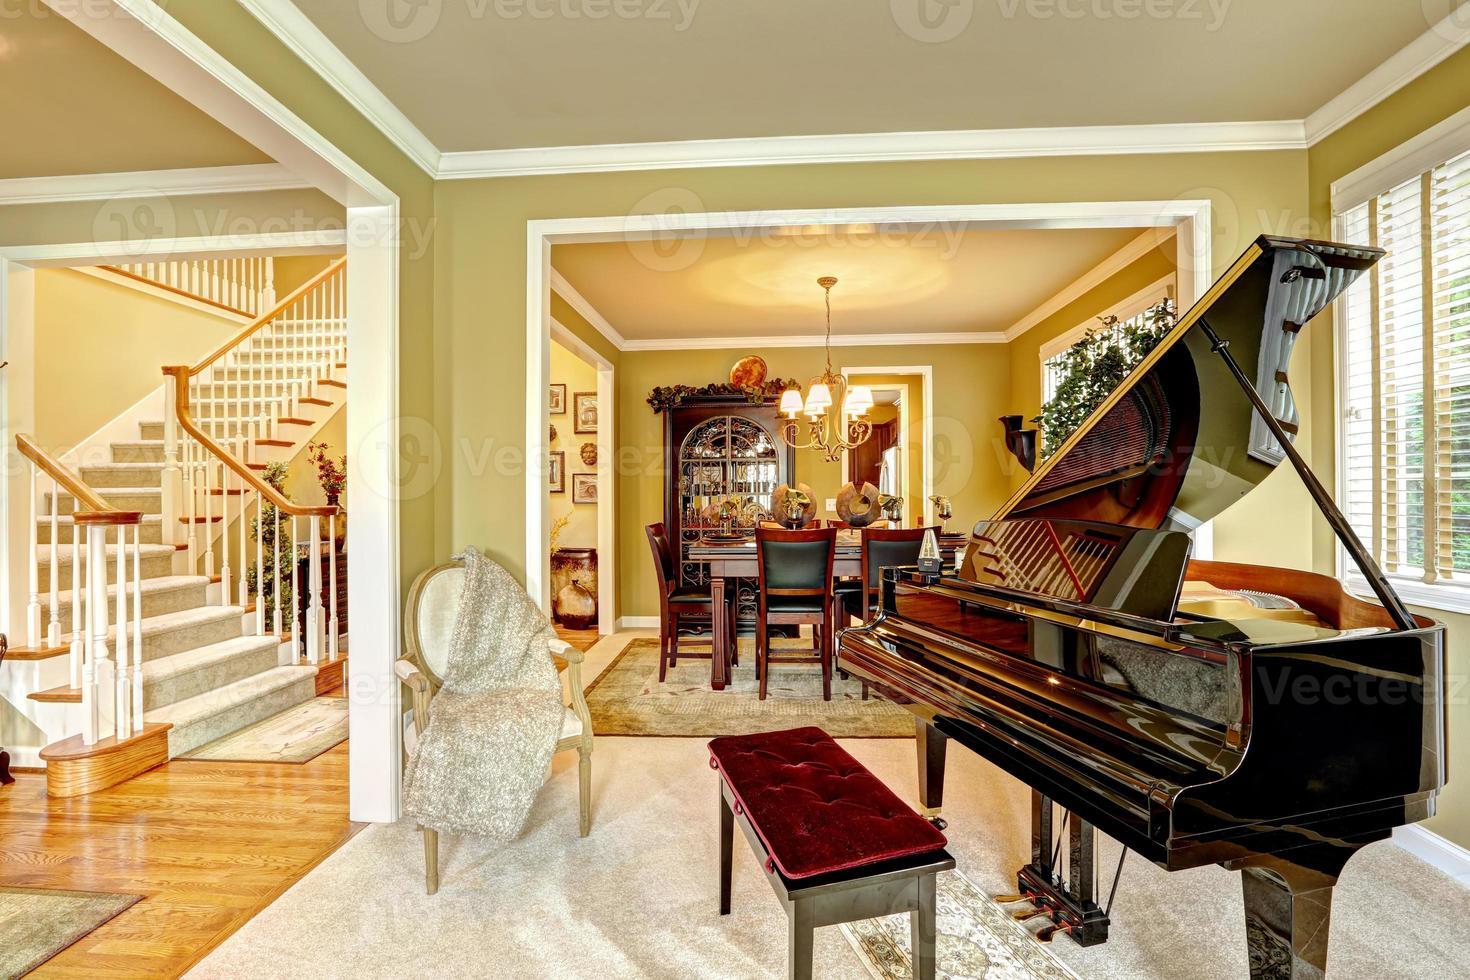 lussuosa camera familiare con pianoforte a coda foto